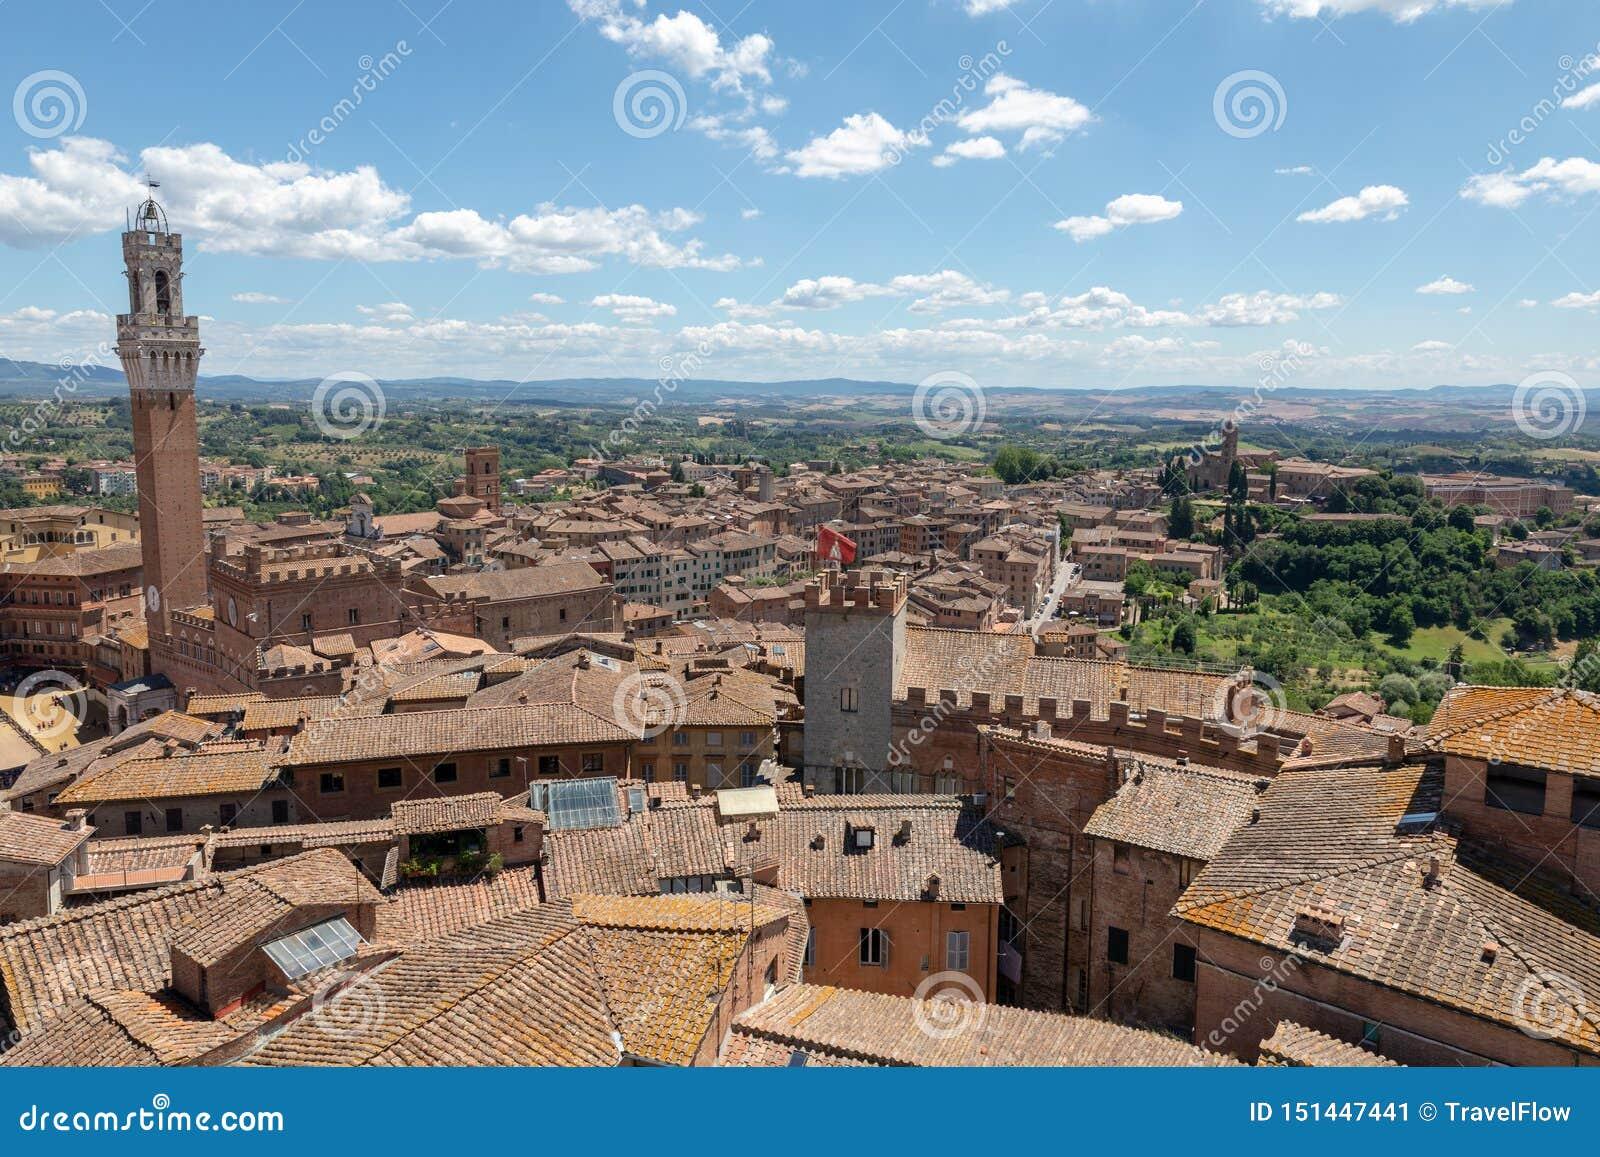 Vista panoramica della citt? di Siena con Piazza del Campo ed il Torre del Mangia